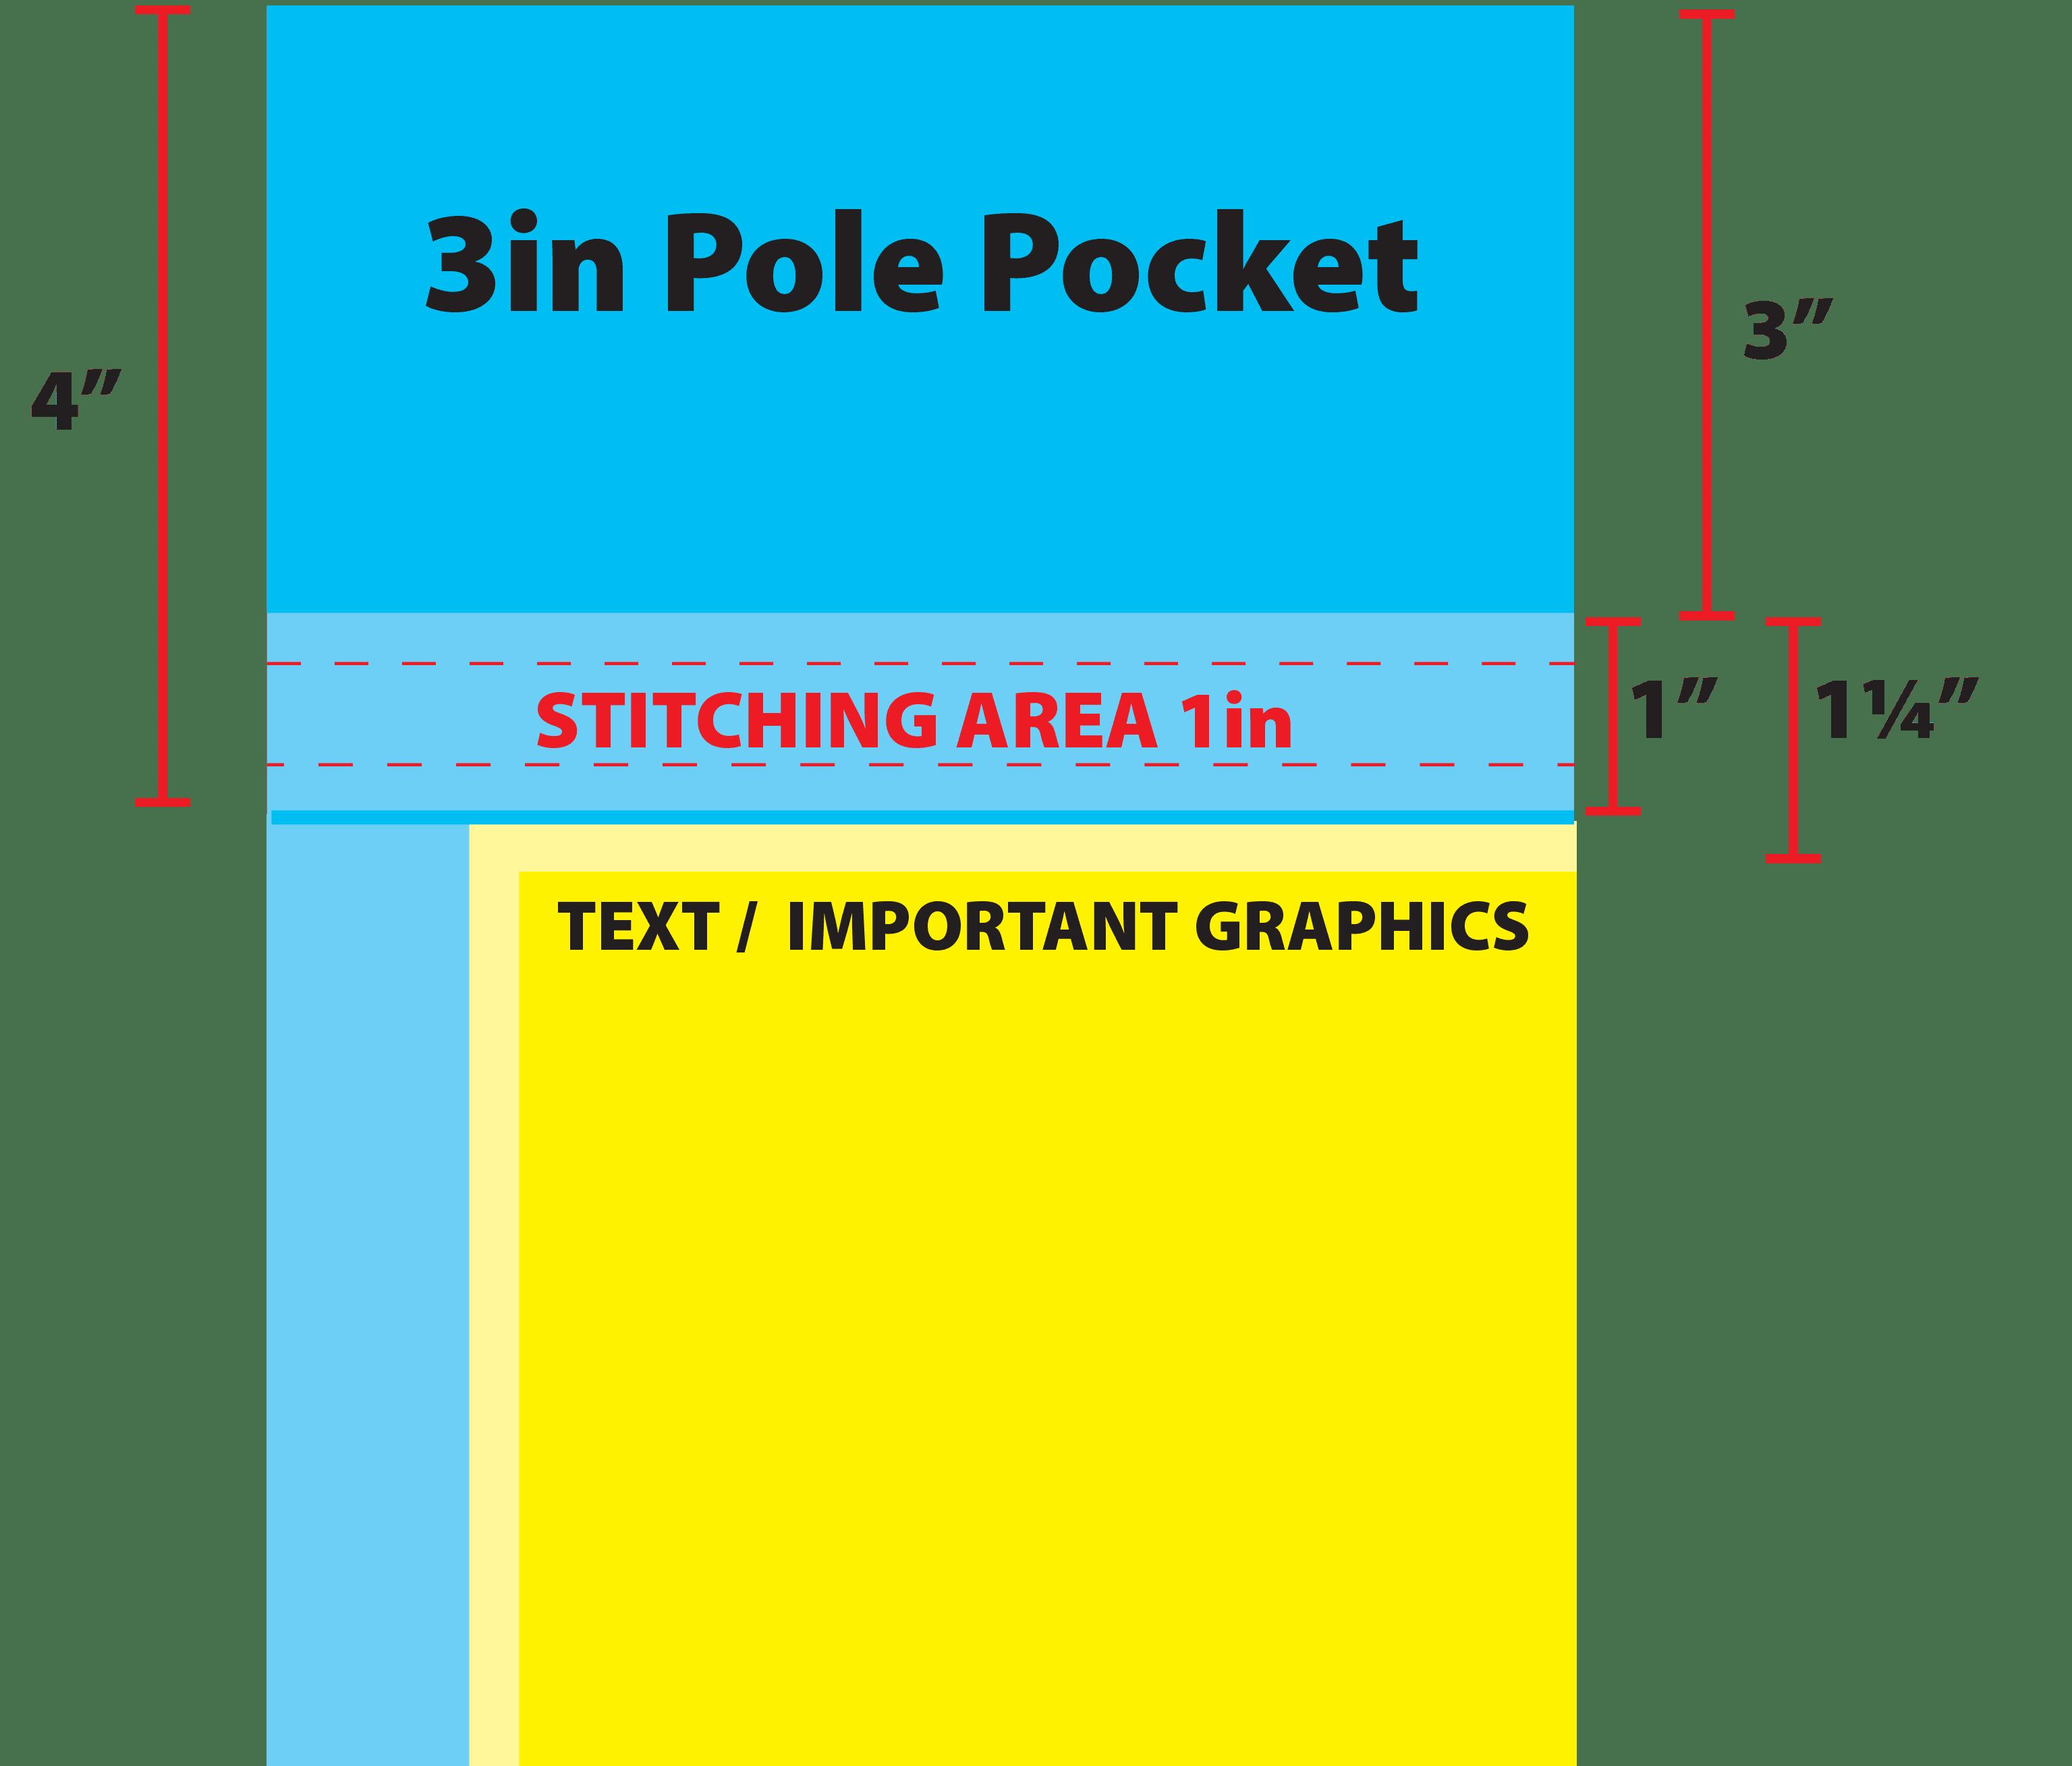 pole pocket banner setup